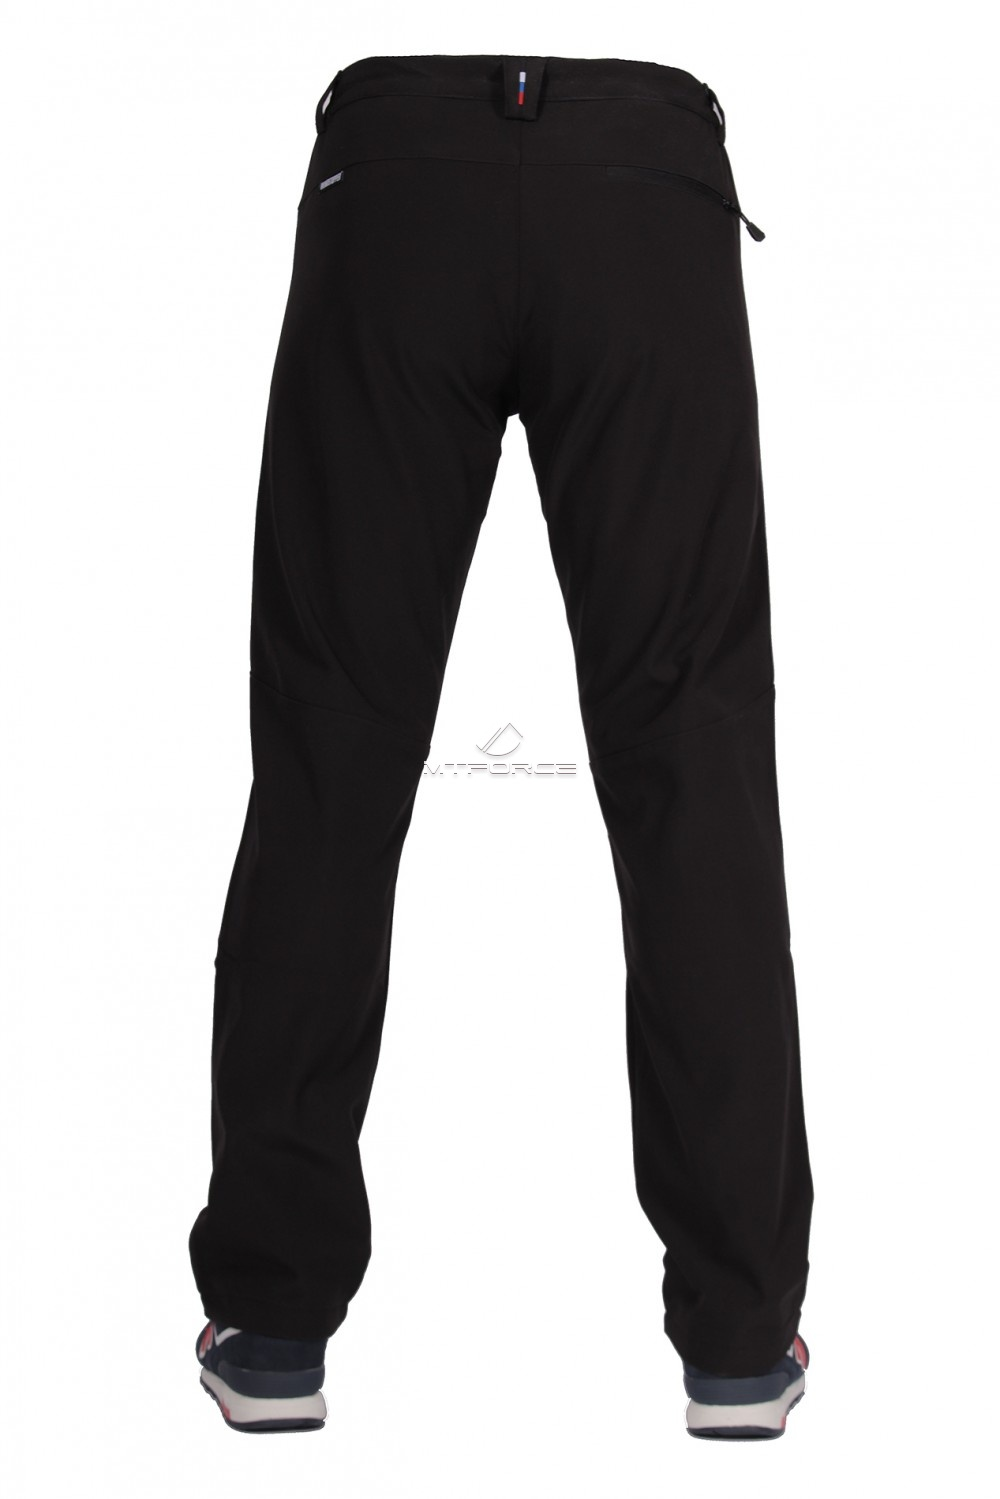 Купить оптом Брюки виндстопер мужские черного цвета  6616Ch в Омске